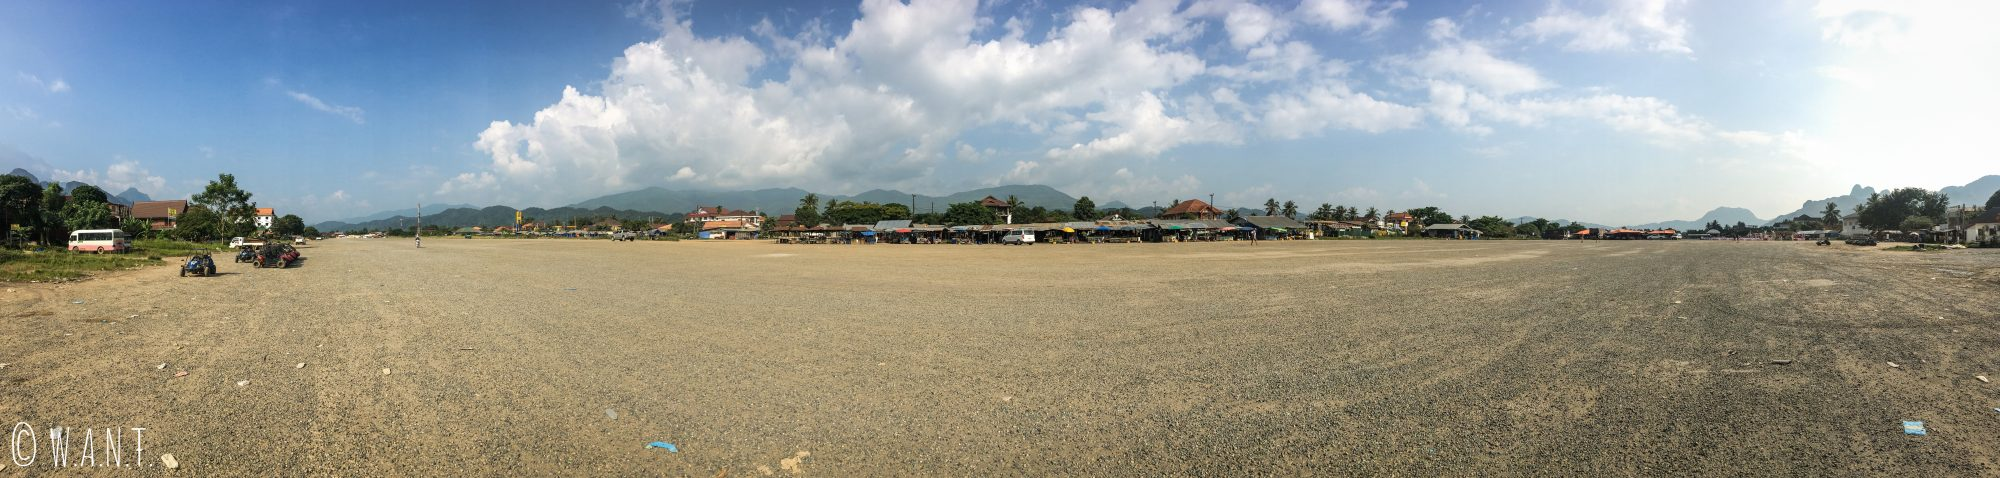 Panorama sur l'ancienne piste de l'aéroport de Vang Vieng